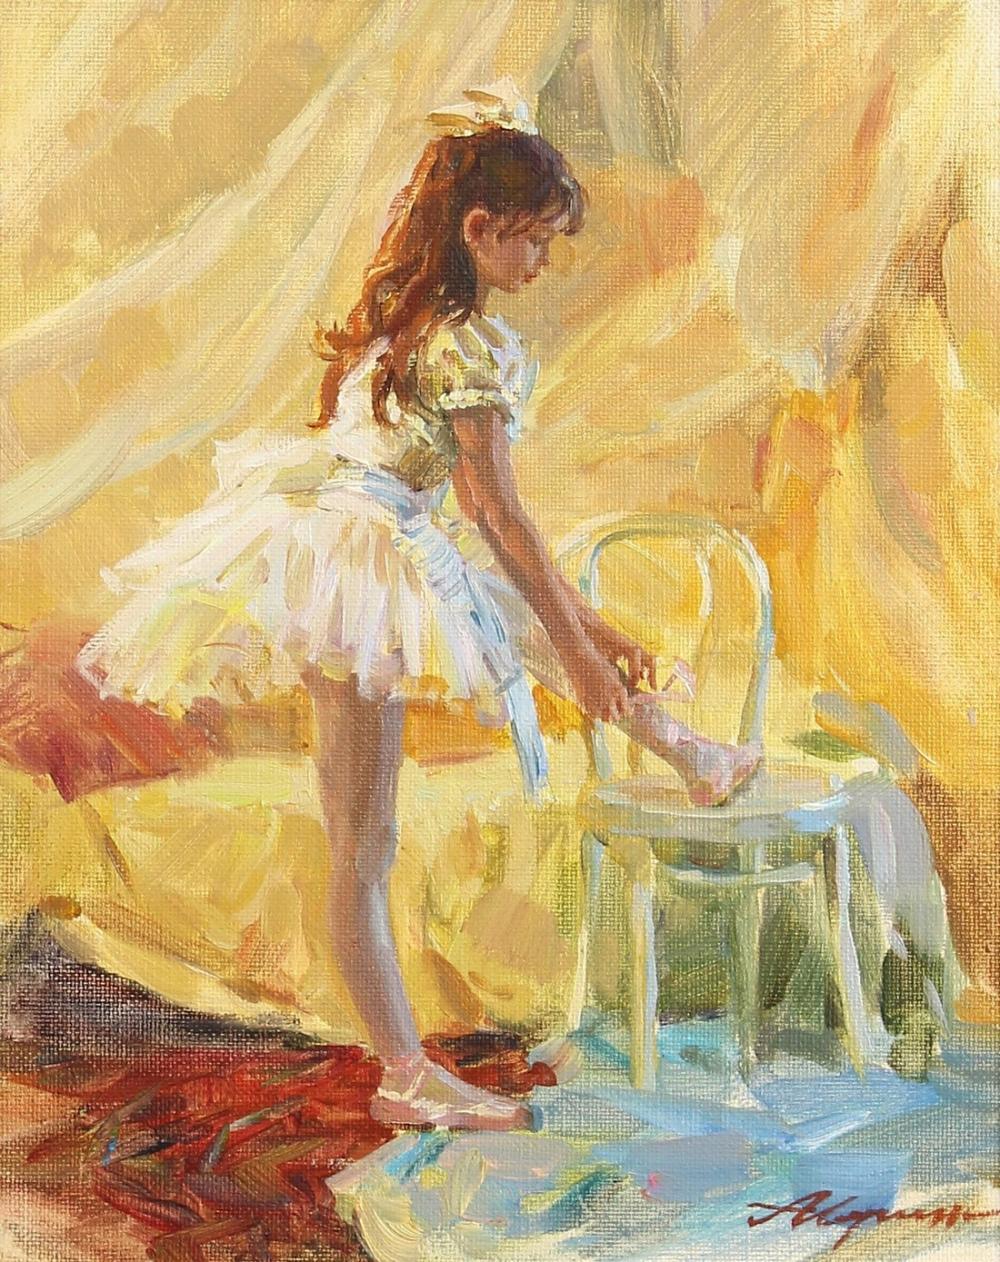 """Alexander Averin (b.1953) Russian, 'Tying My Shoe', oil on canvas, 10.5"""" x 8.5"""", 27x22cm"""